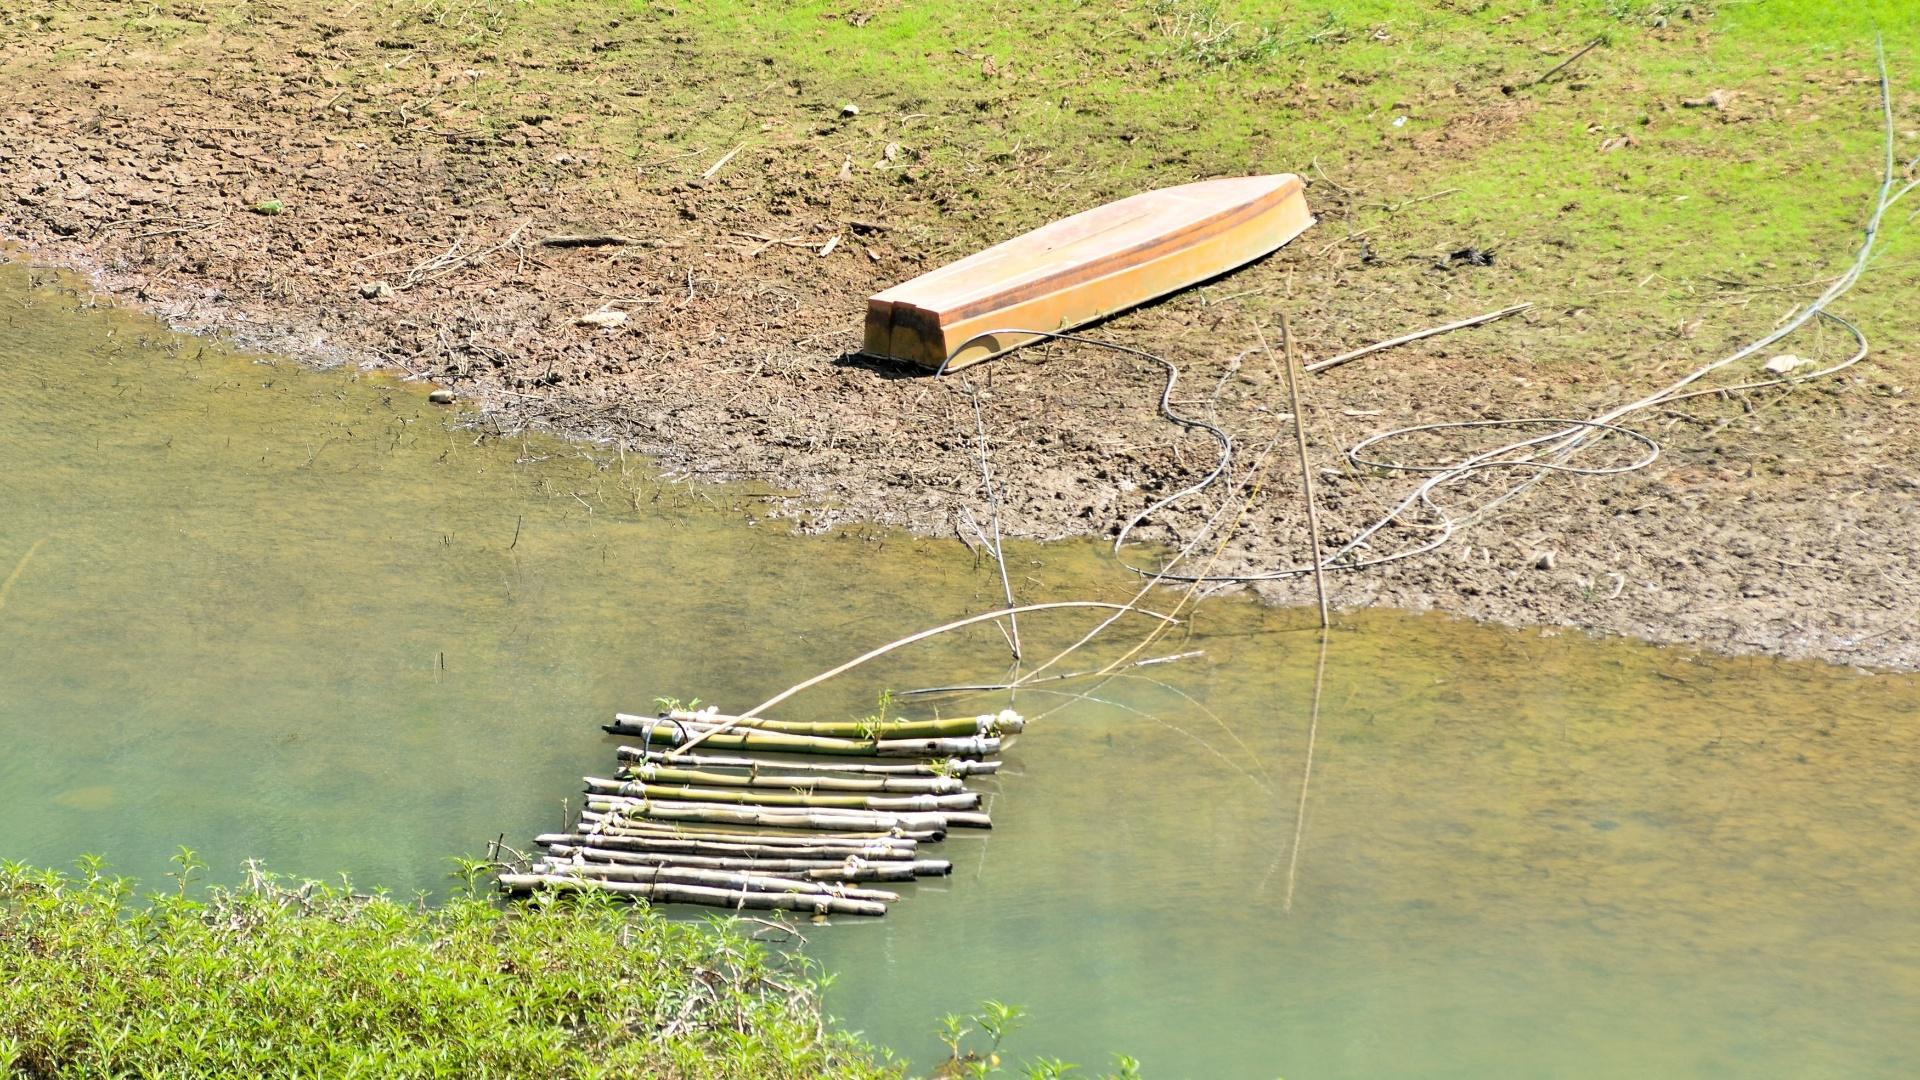 7.out.2015 - Imagem da represa do Jaguari, que abastece o Sistema Cantareira, em São Paulo. O sistema está com mais água do que há um ano